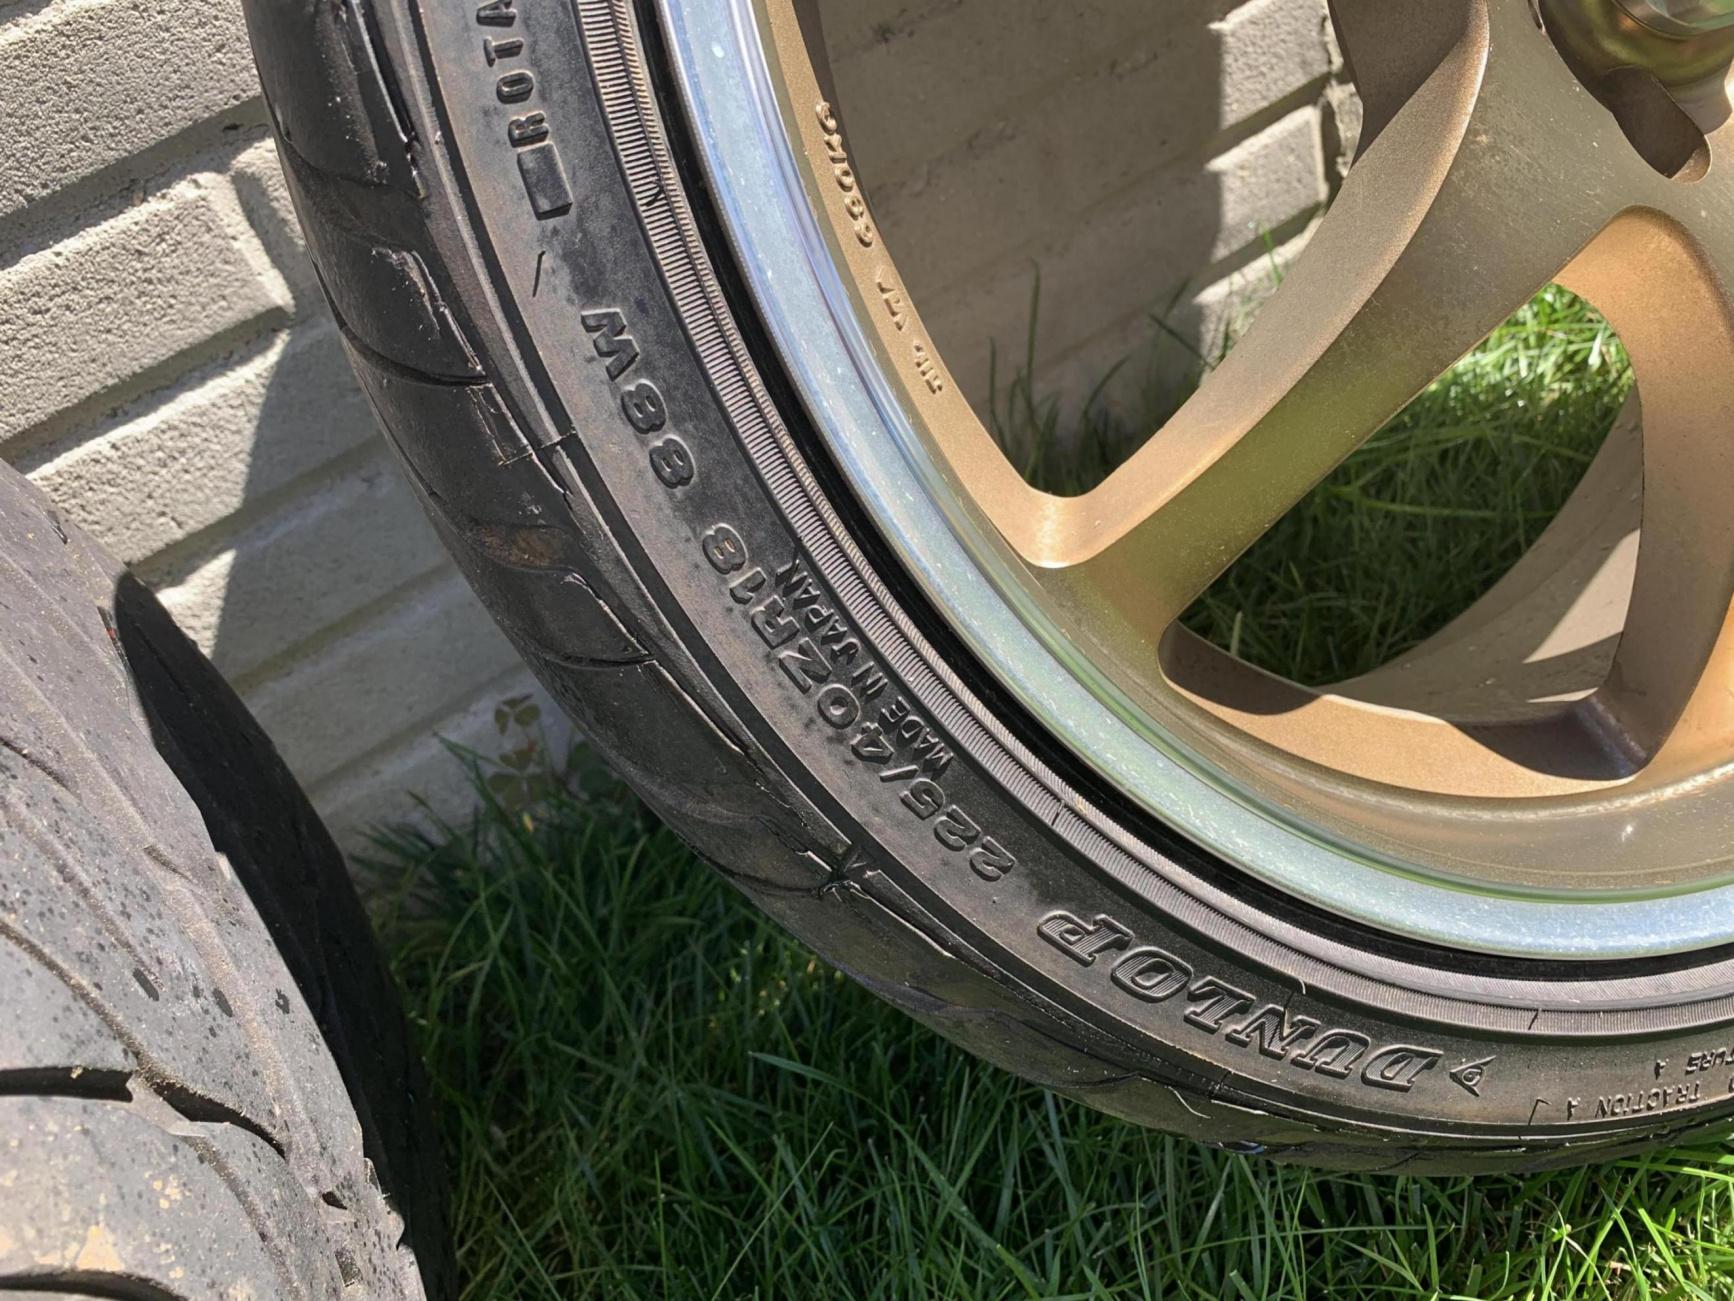 18 inch konig next copper wheels-887dc362-7c8e-420a-bfdc-90ee94a0b98f_1560283801278.jpg